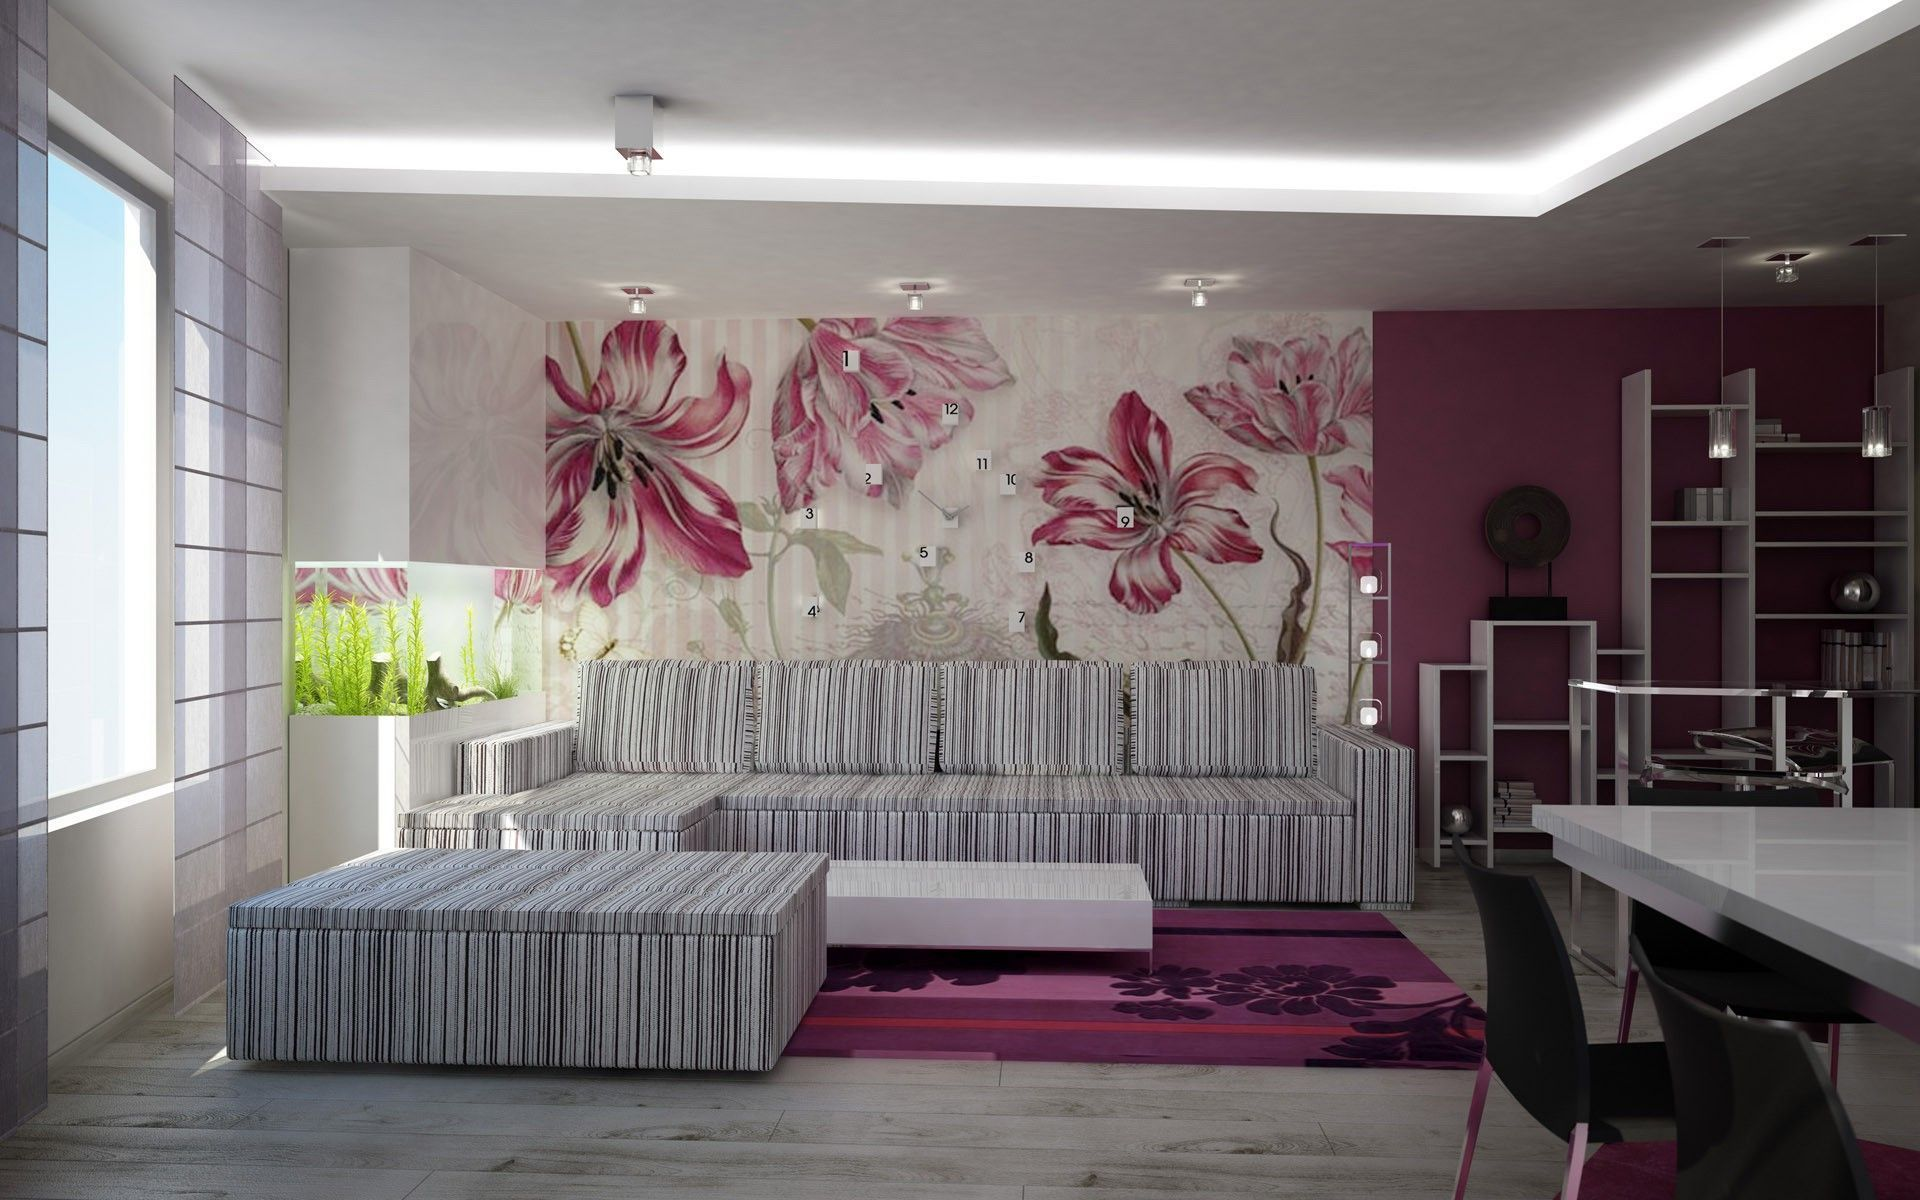 Interior design images designing good also best unique us full dzl aa rh pinterest